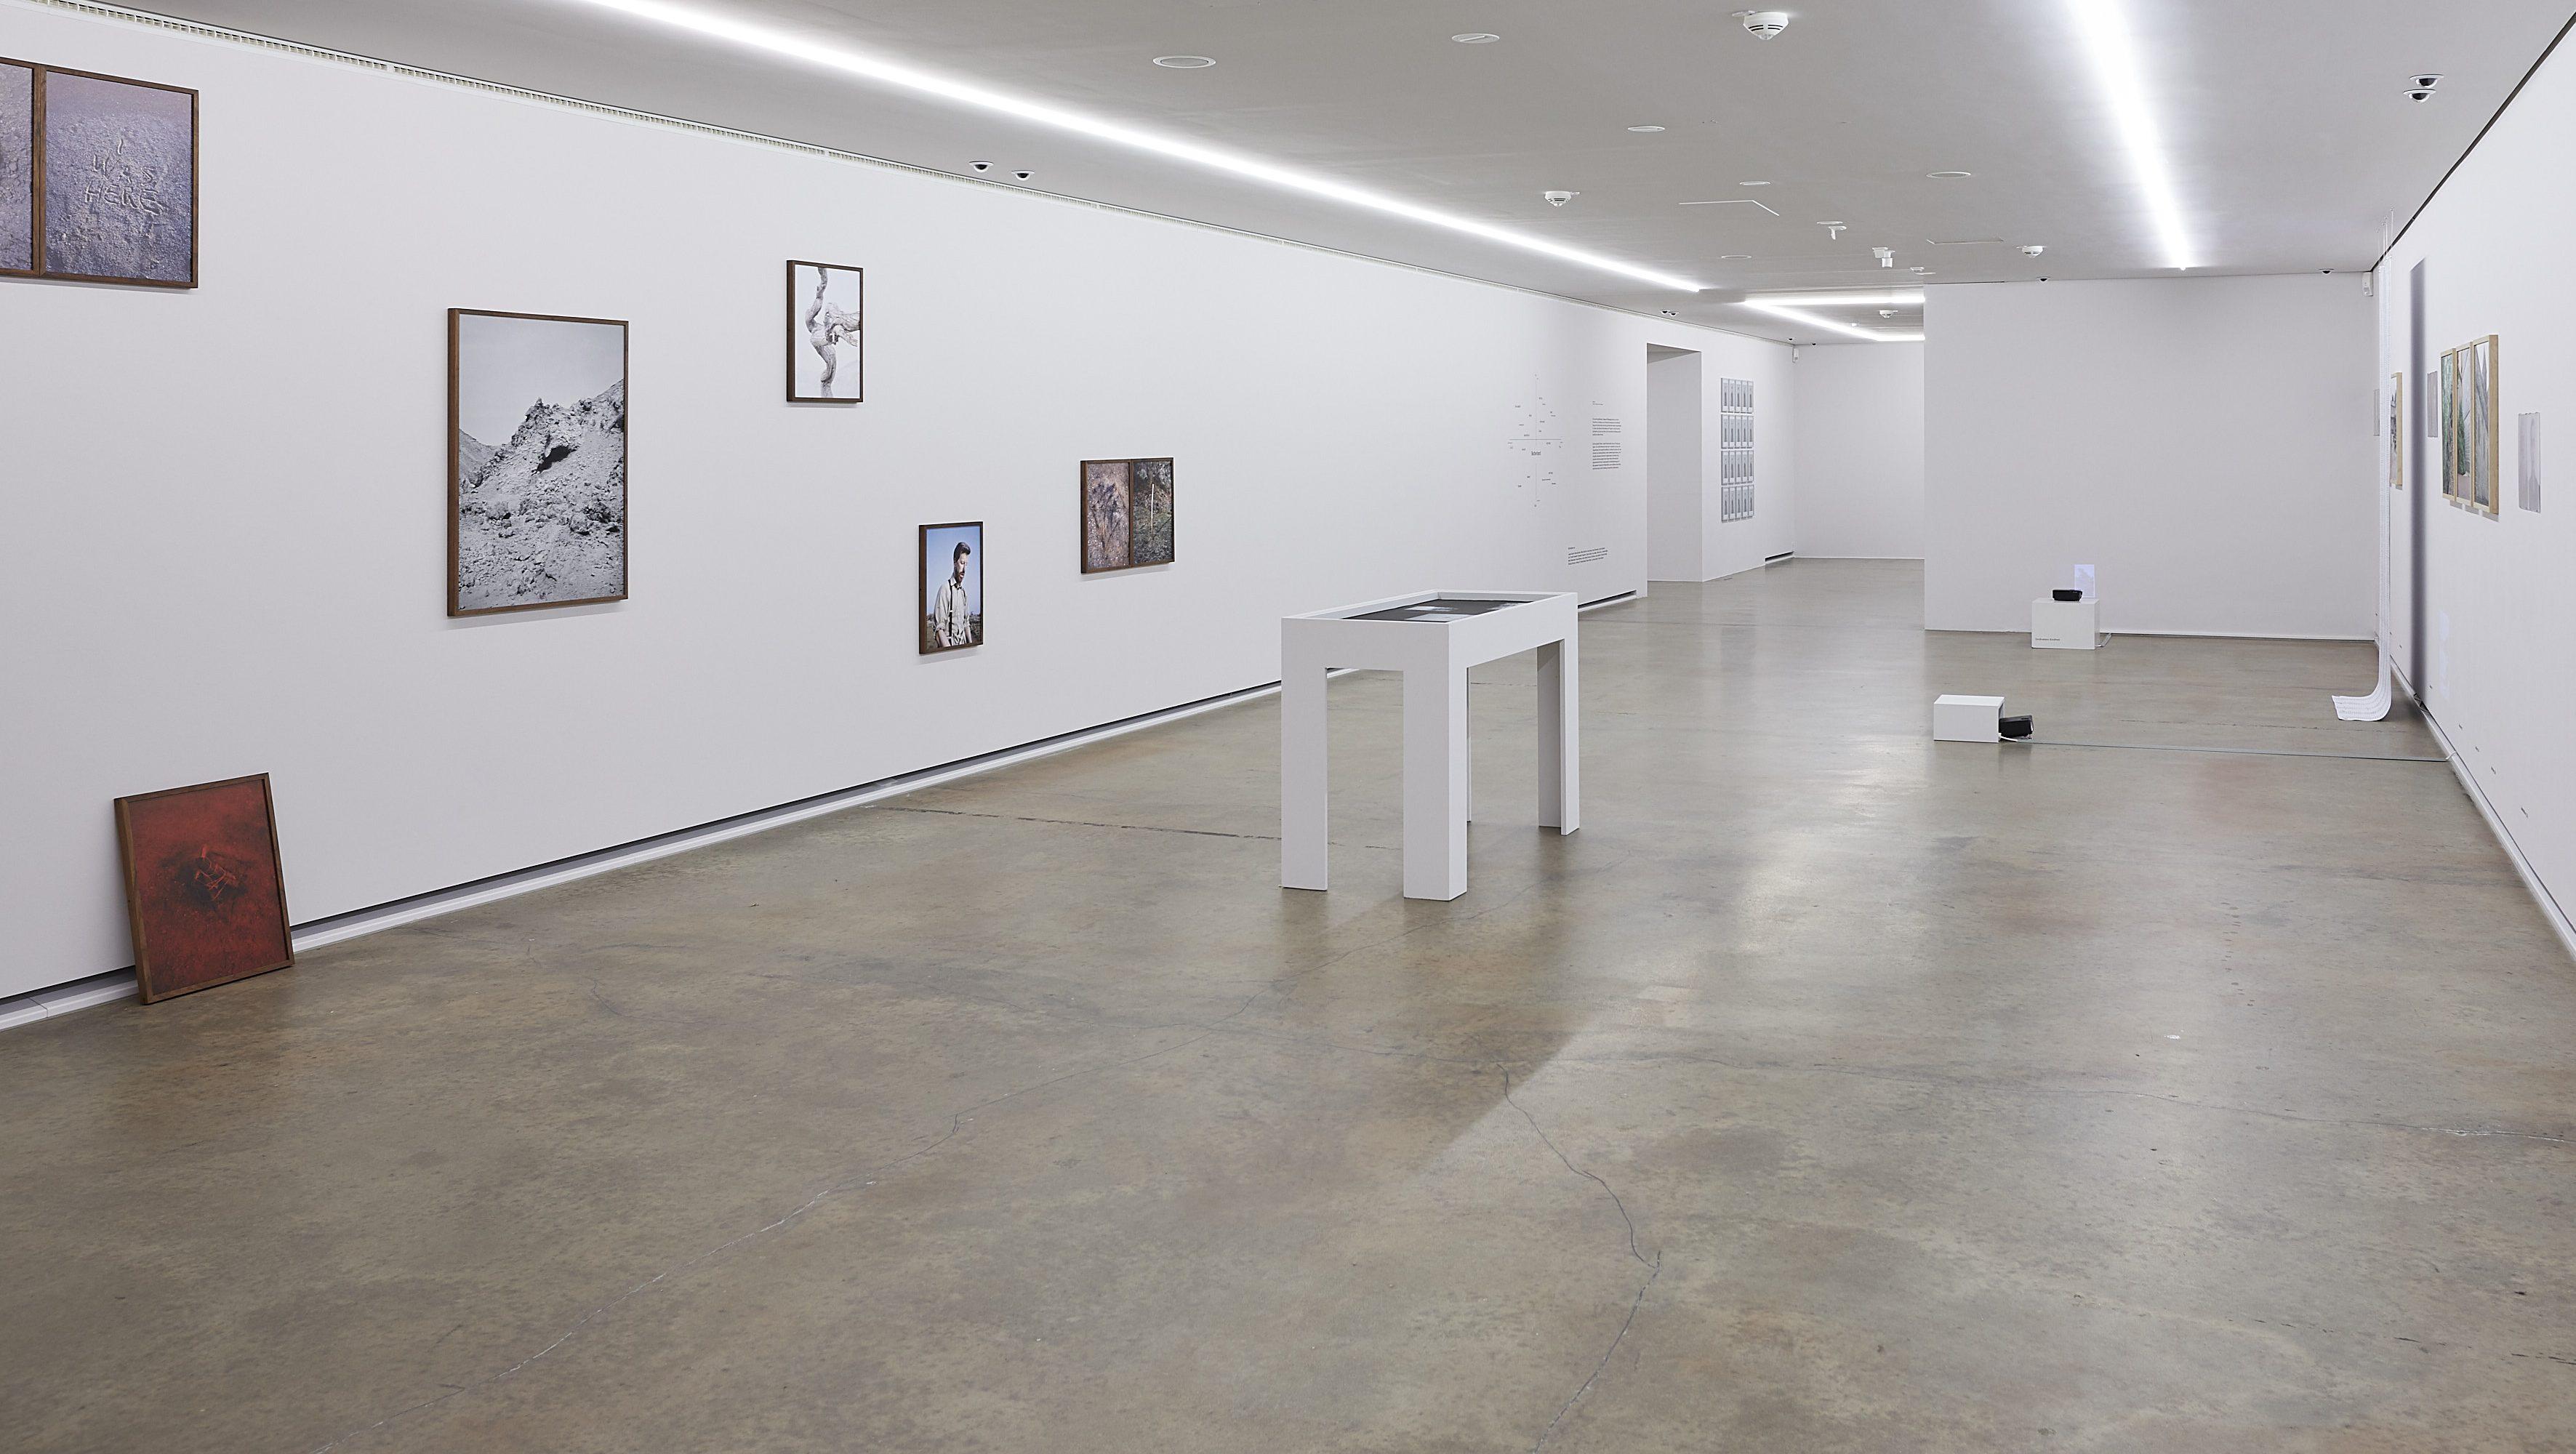 Raumansicht mit Arbeiten von Jasper Bastian und Anne Braune